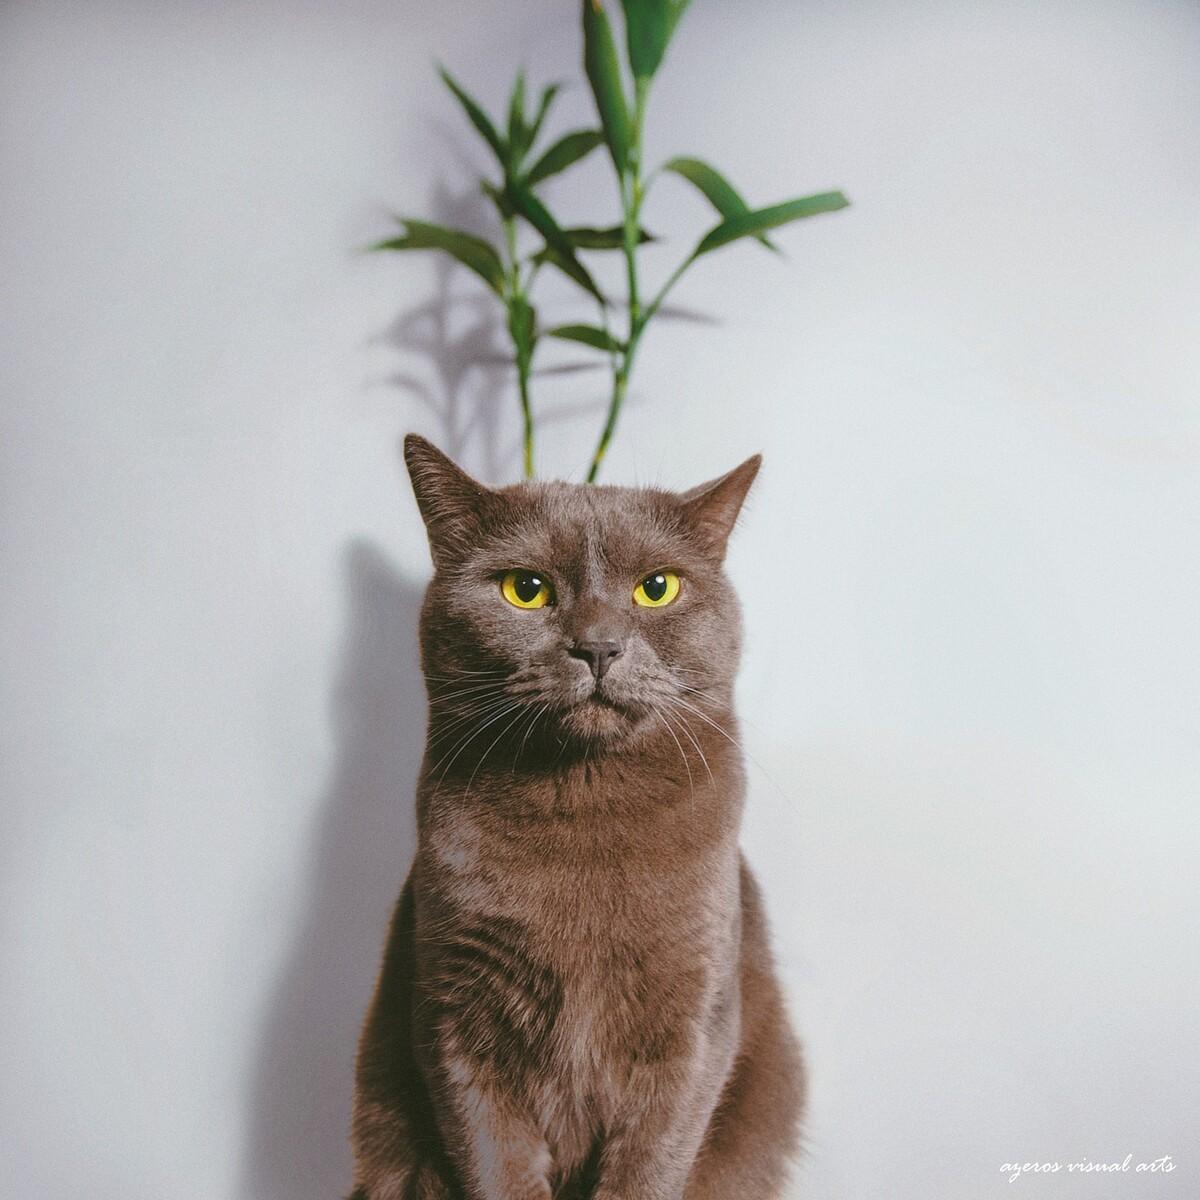 克力酋长 - 猫, 小清新, 胶片, 杭州, 动物 - 海螺壳图片